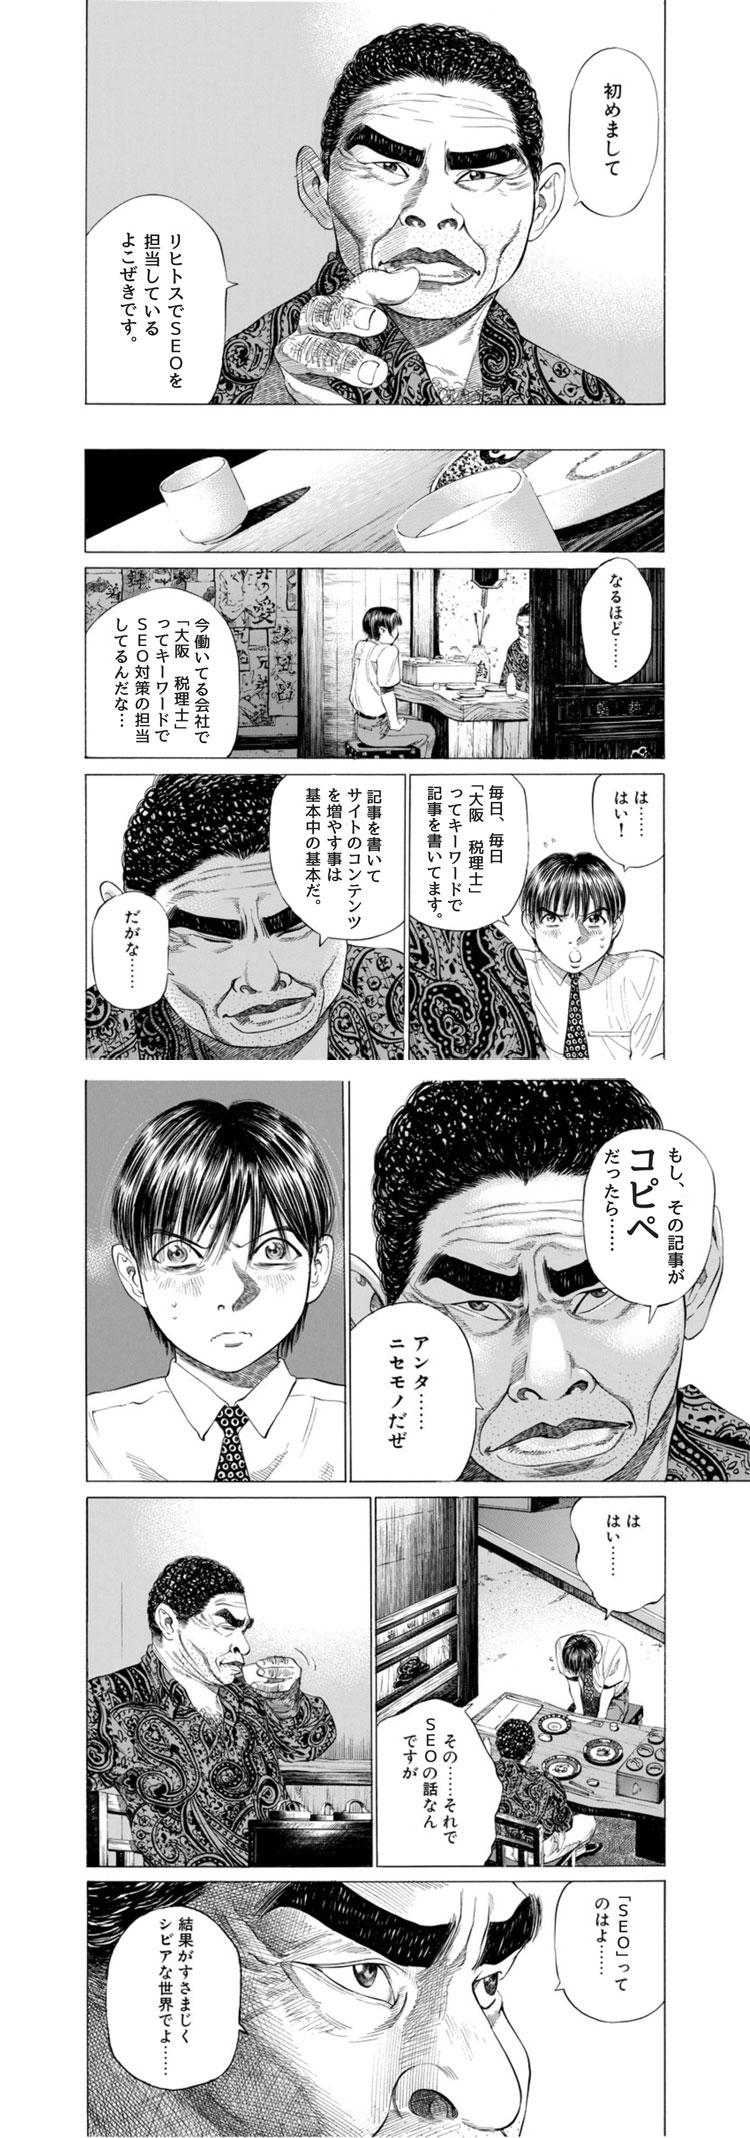 lichtos_seo